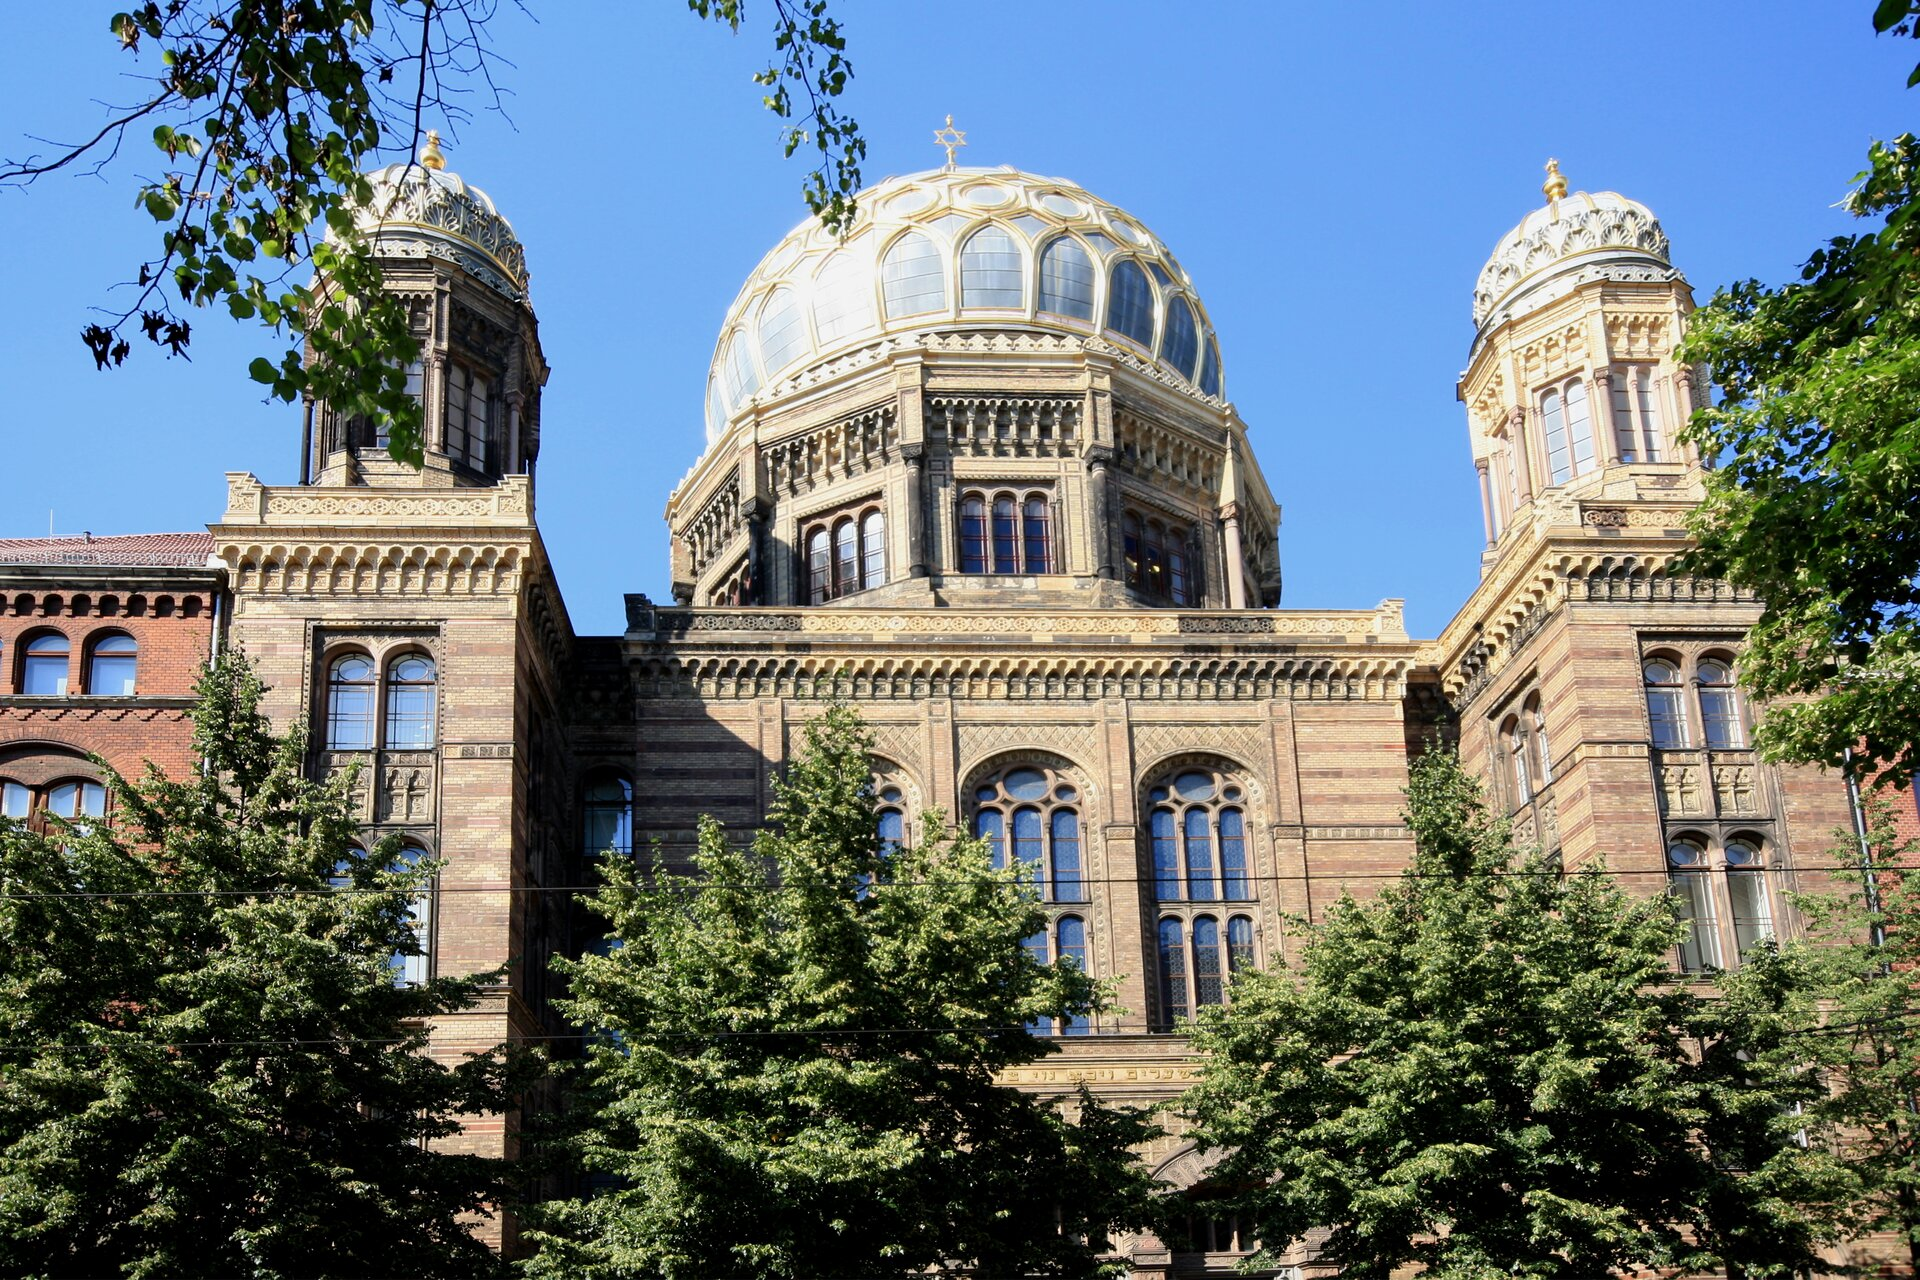 Na zdjęciu murowana synagoga wstylu mauretańskim, wschodnie detale iornamenty, trzy kopuły. Synagoga wciągu budynków. Na pierwszym planie drzewa.